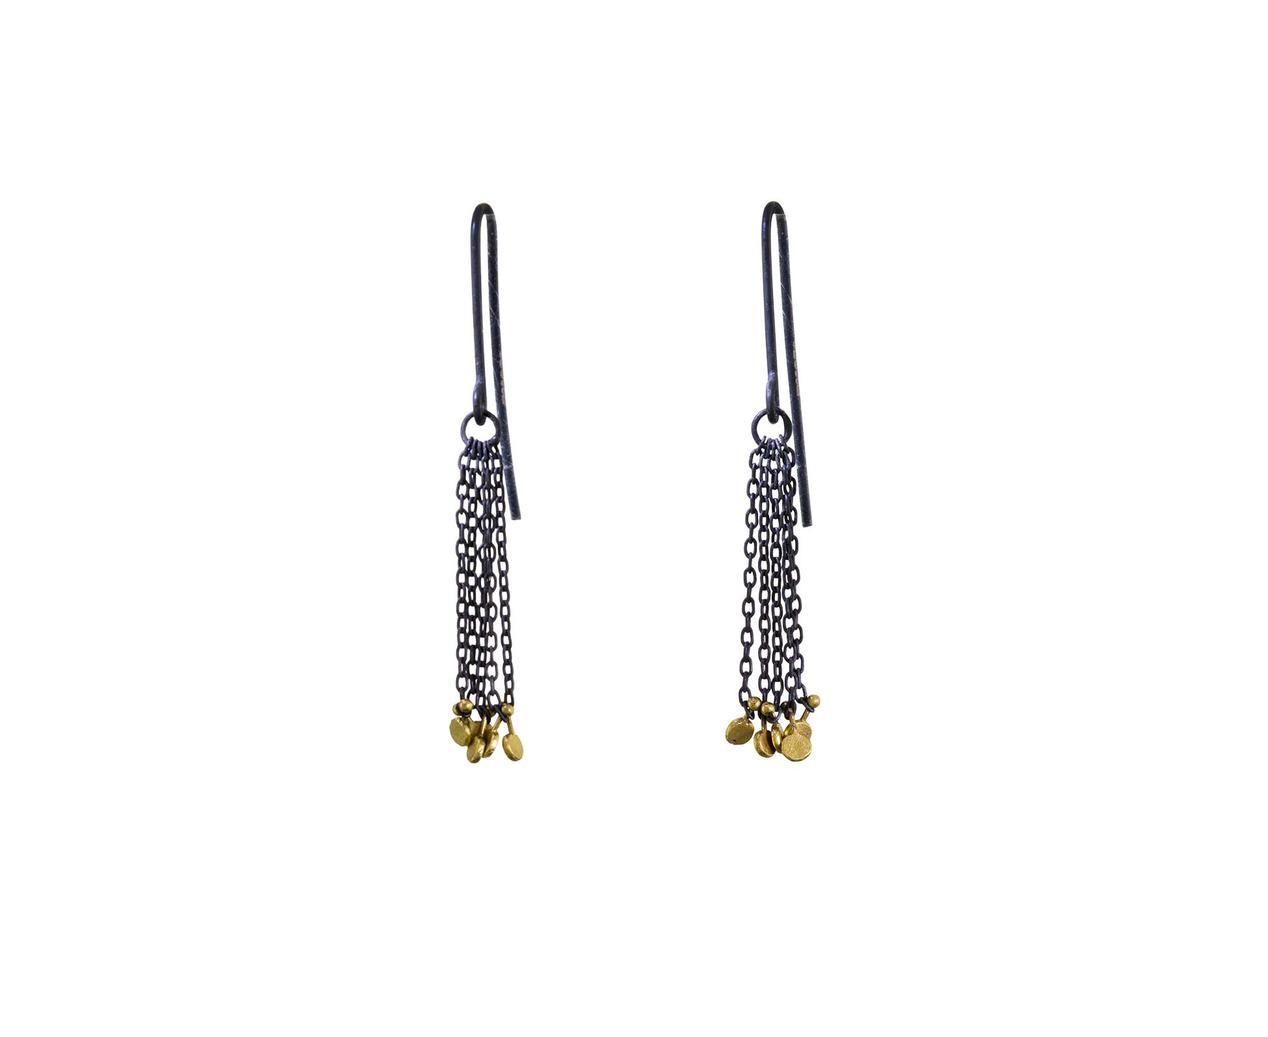 Two-Tone Tassle Earrings